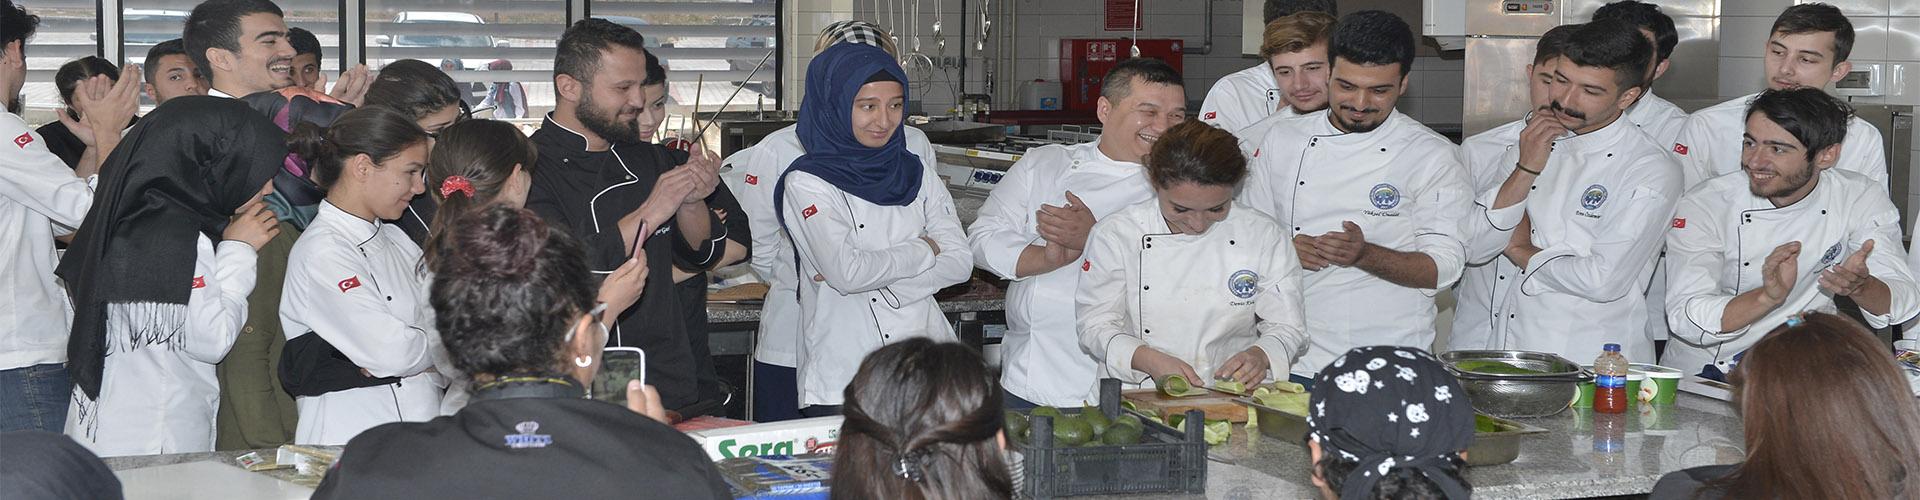 Dünden Bugüne Aşçılık Söyleşisi ve Sushi Workshop Eğitimi